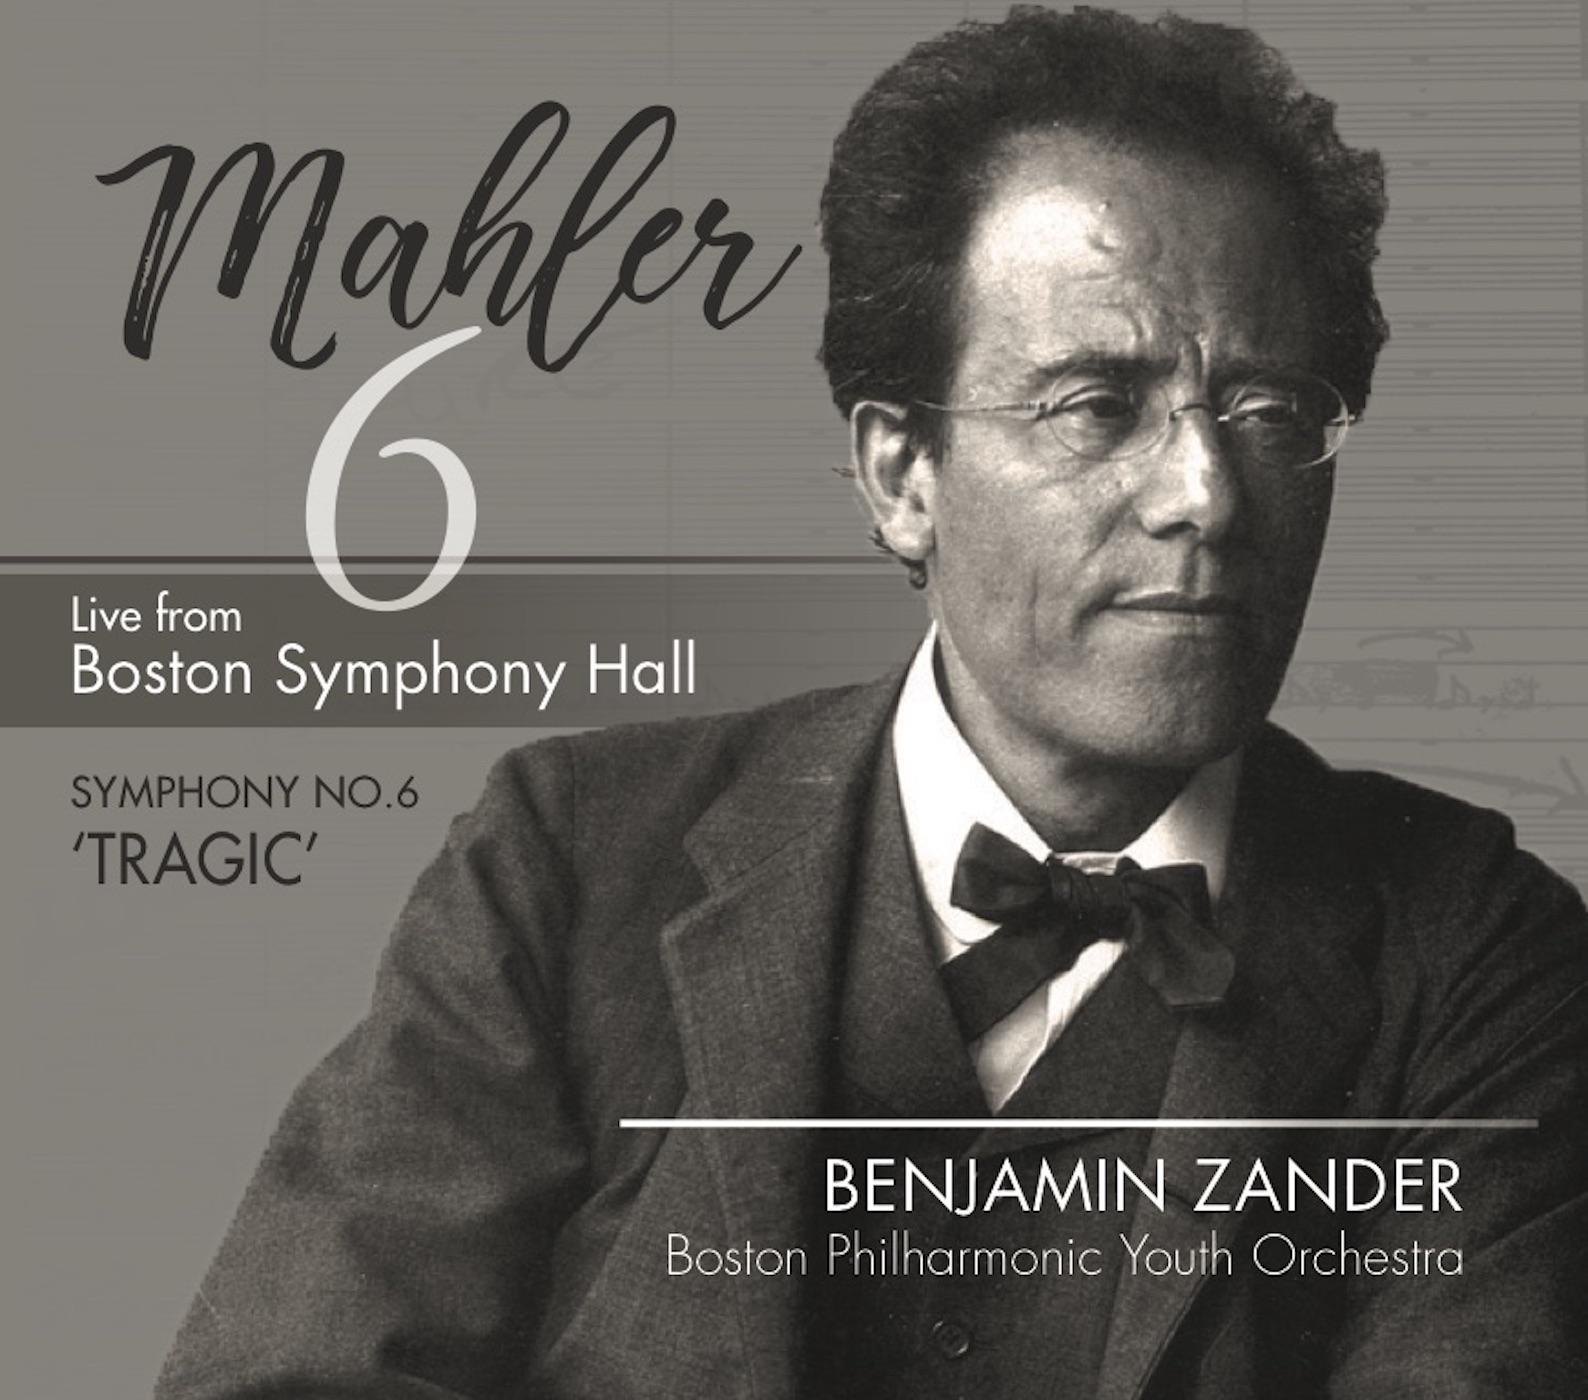 BPYO Mahler 6 Recording Earns Major Critical Praise